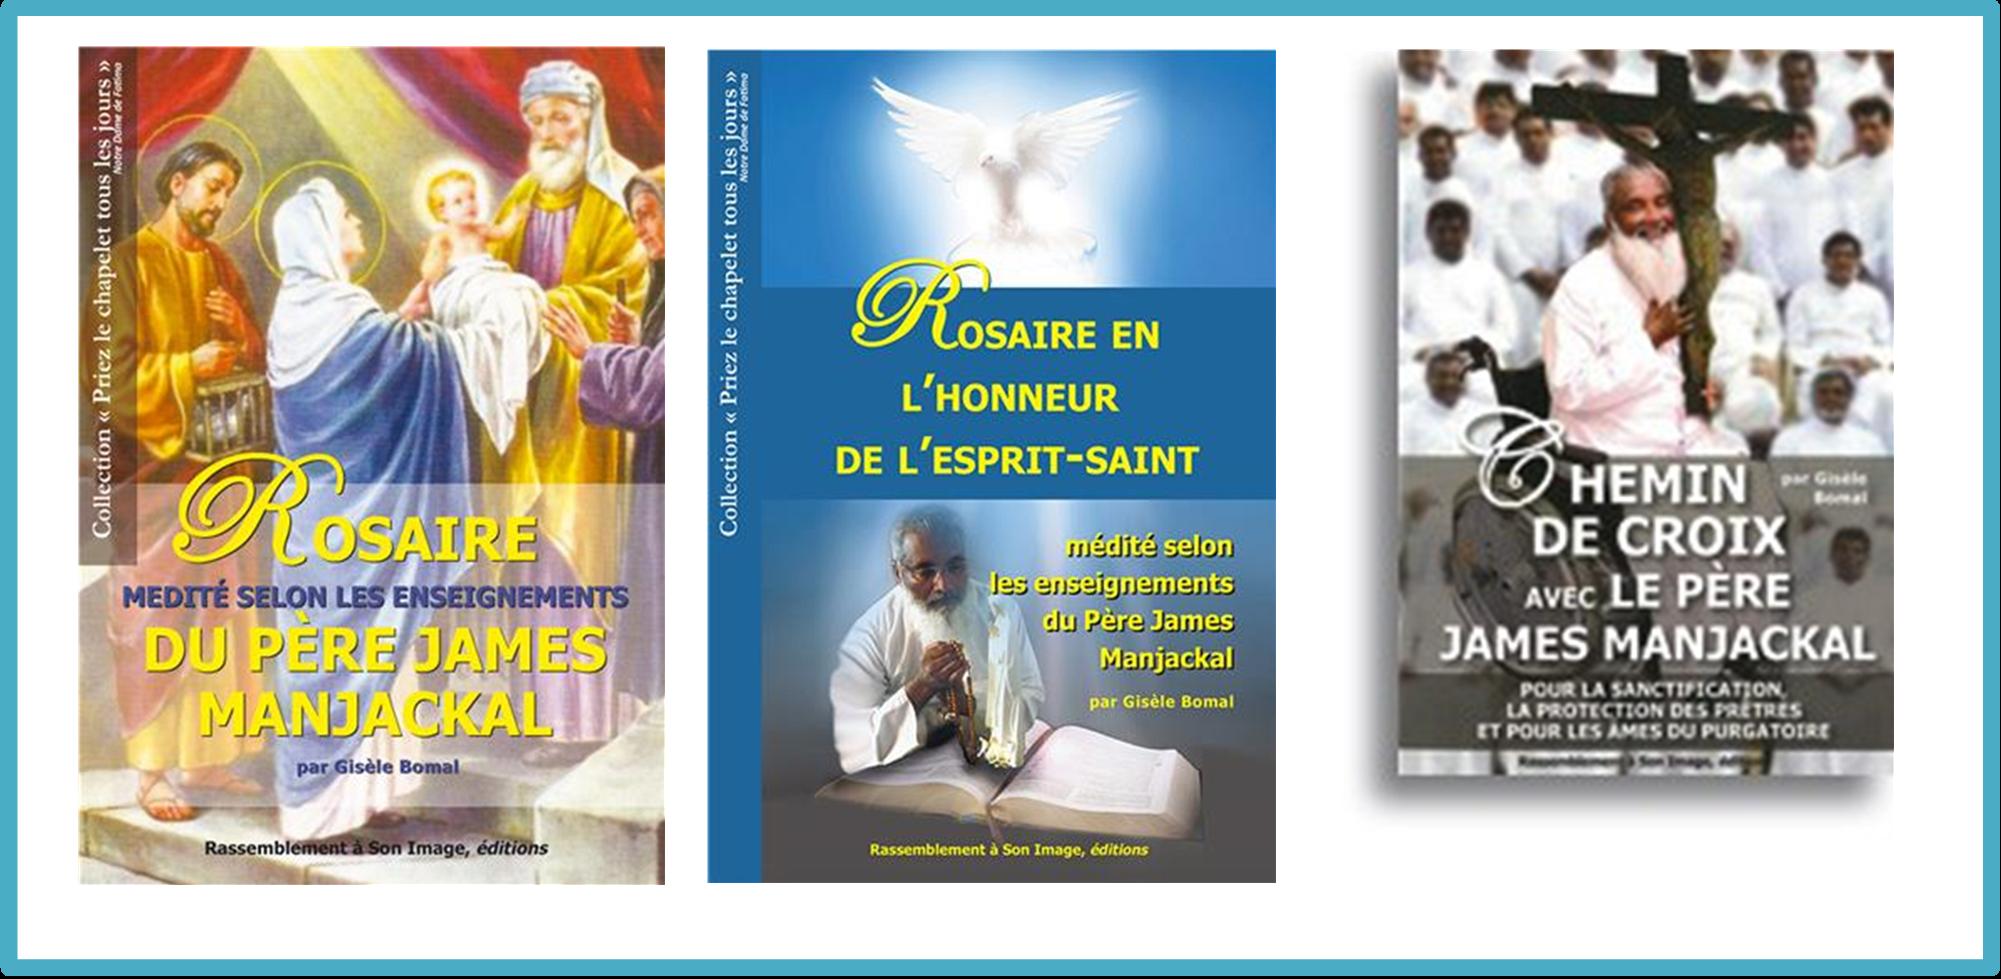 Retraite spirituelle en ligne prêchée par le Père James MANJACKAL du 19 au 21 Mars 2021 Photo-4-james-manjackal